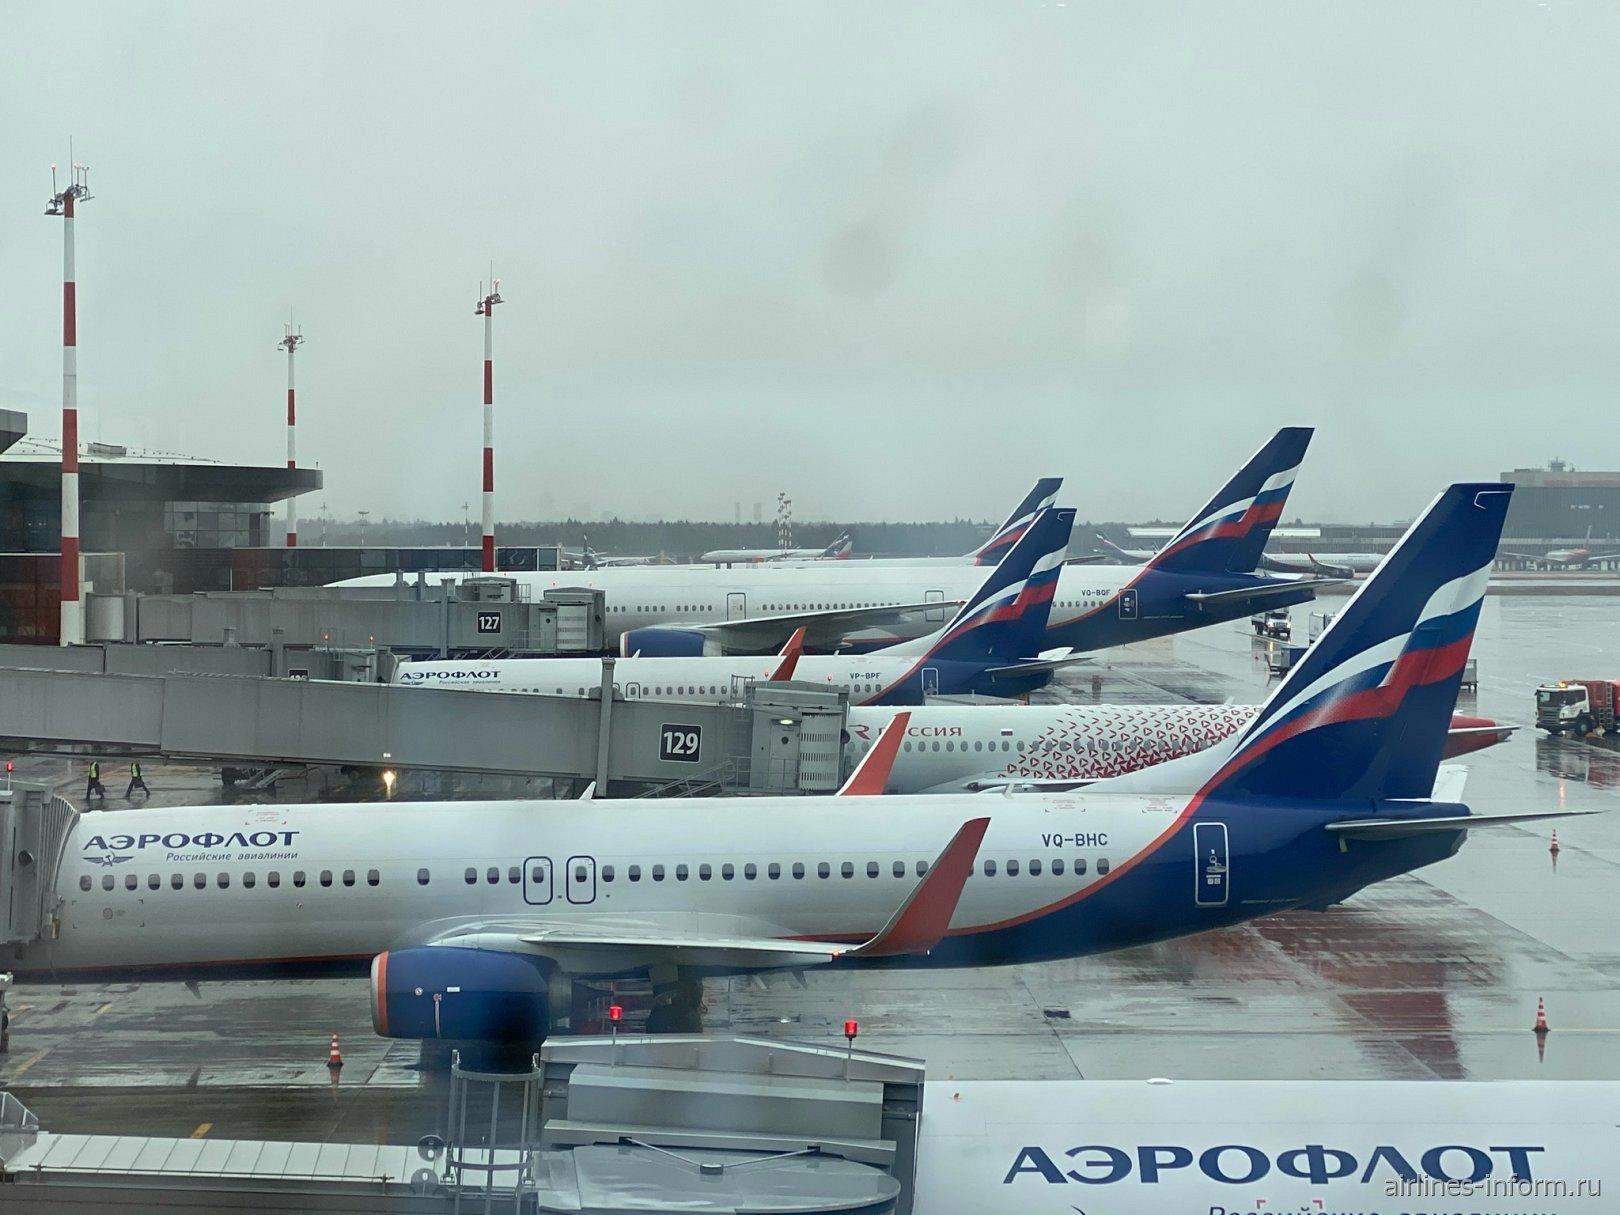 Вид на прекрасные самолеты из окна зала ожидания пассажиров бизнес-класса.  Обожаю смотреть на самолет. И всегда приезжаю в аэропорт часа за 3-4 до вылета. Музыка в ушах и романтика перед глазами.